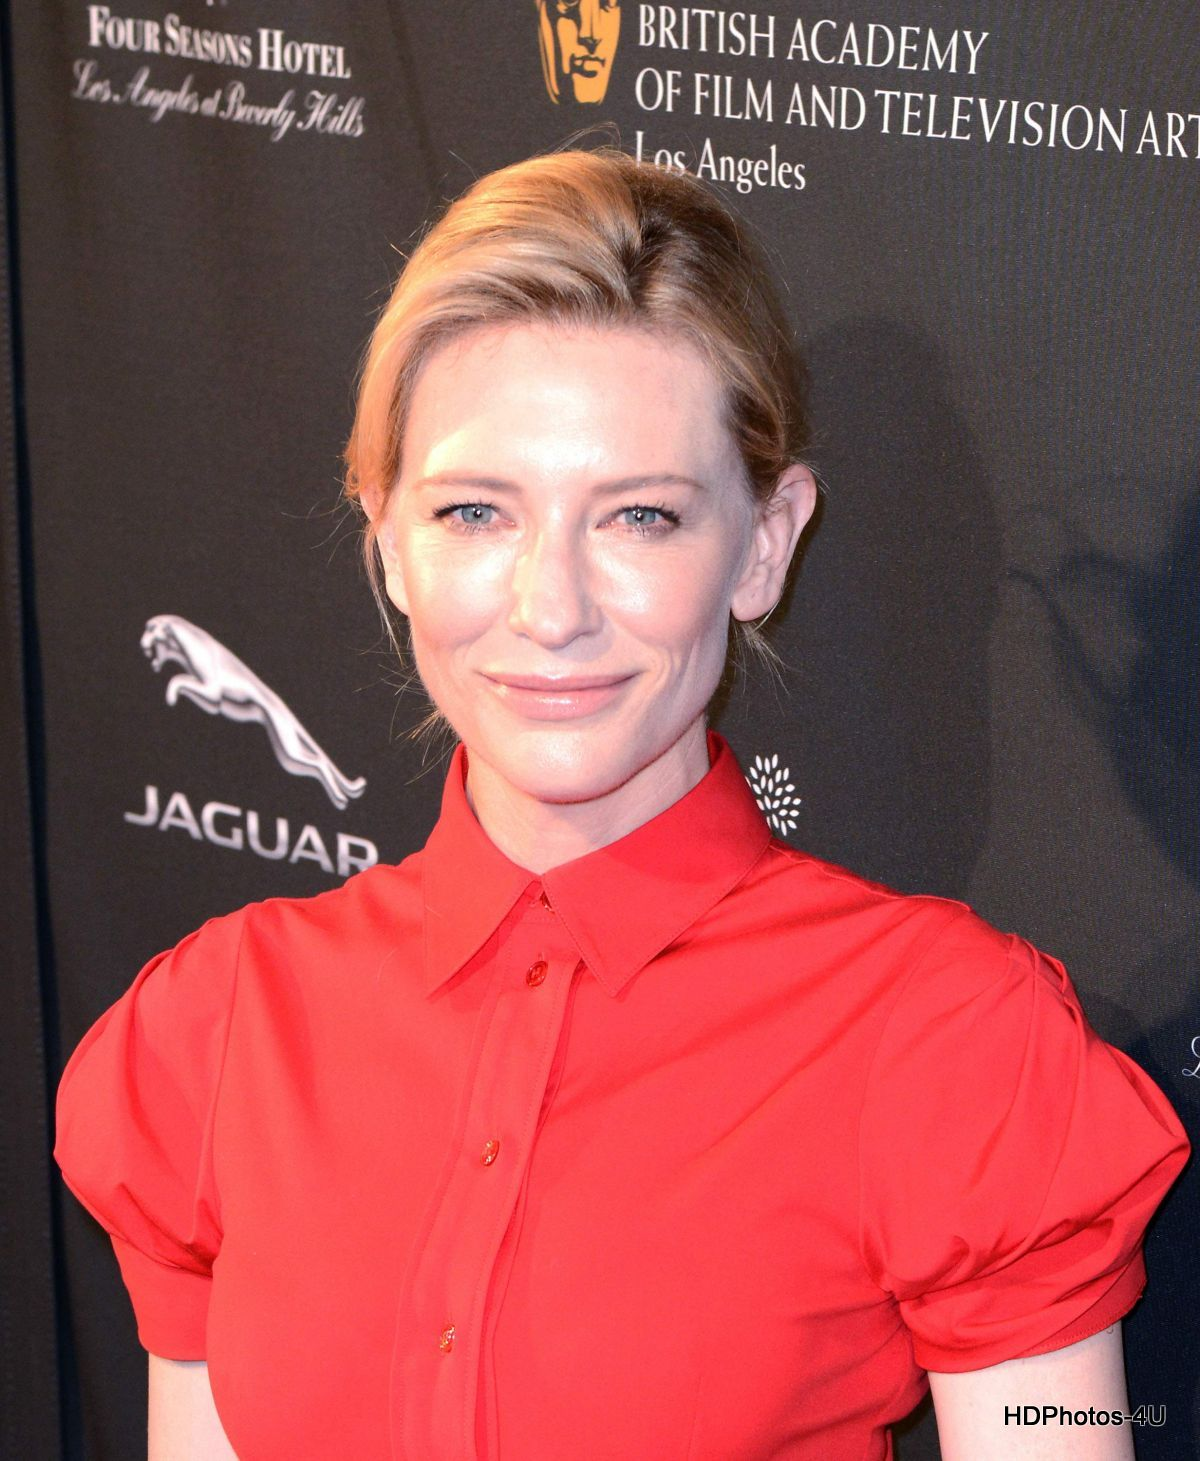 BAFTA Full HQ Photos: Cate Blanchett at 2014 BAFTA LA Awards in Beverly Hills